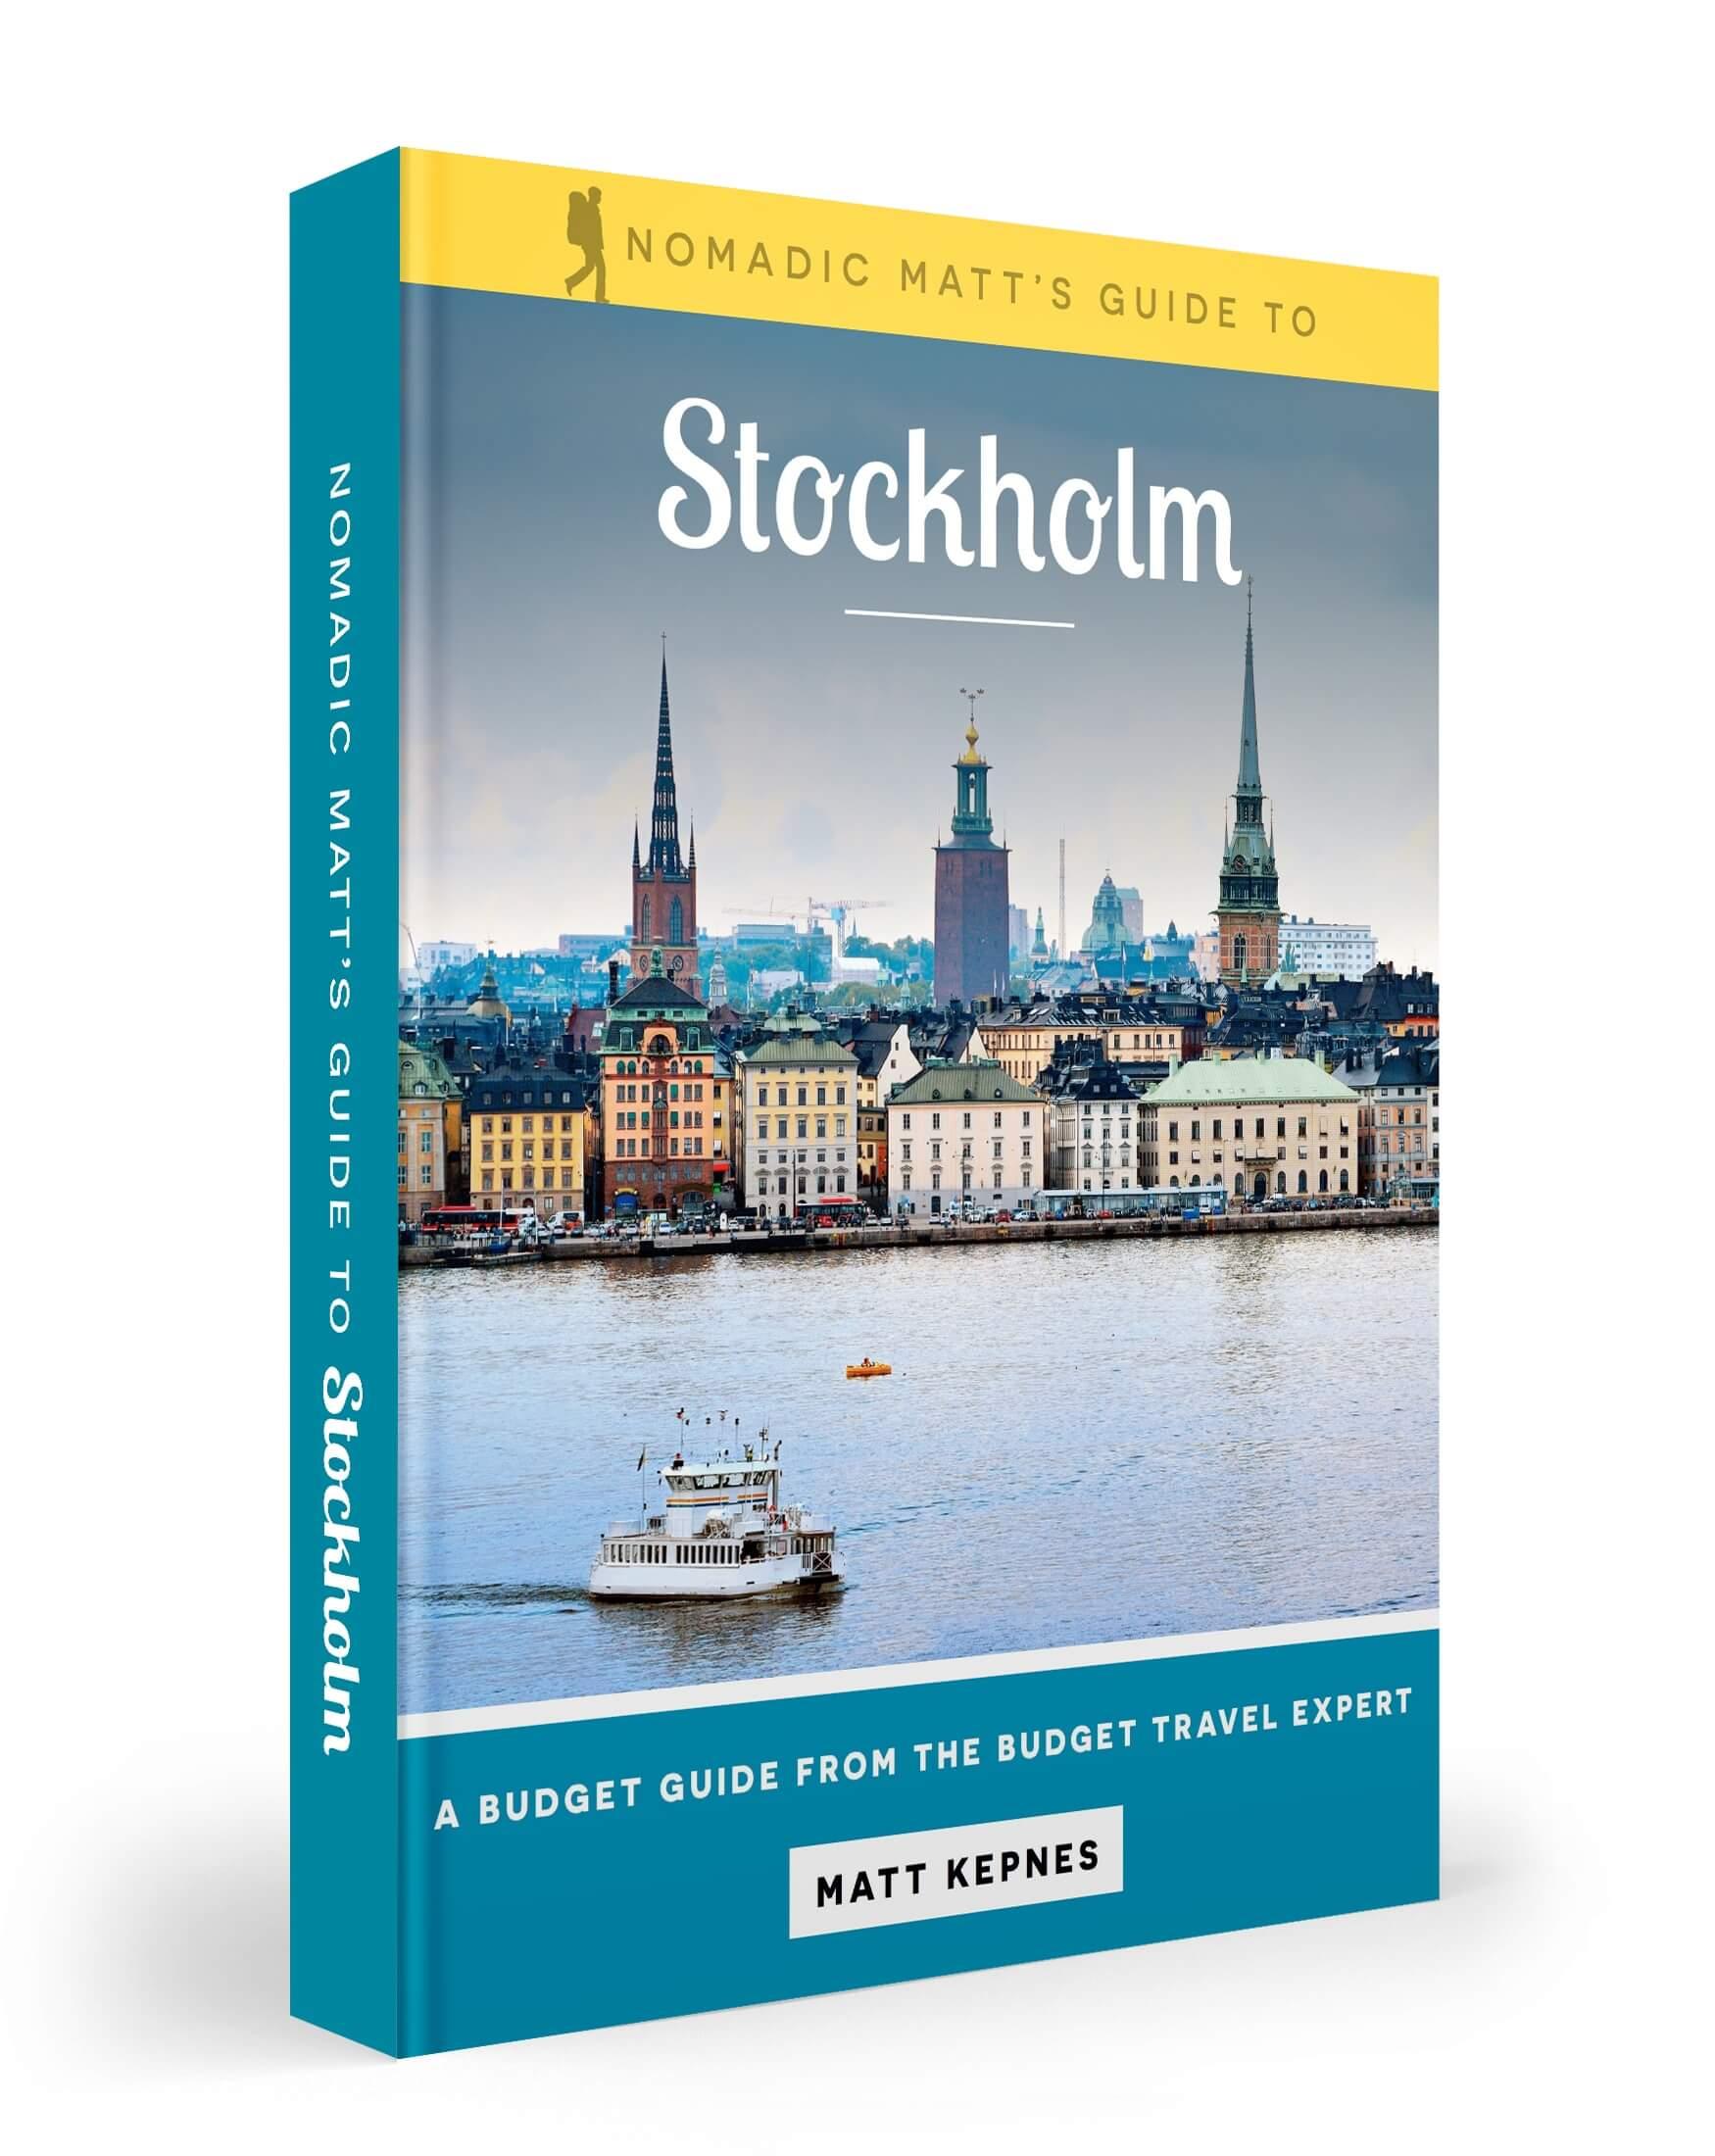 nomadic matt's guide to stockholm